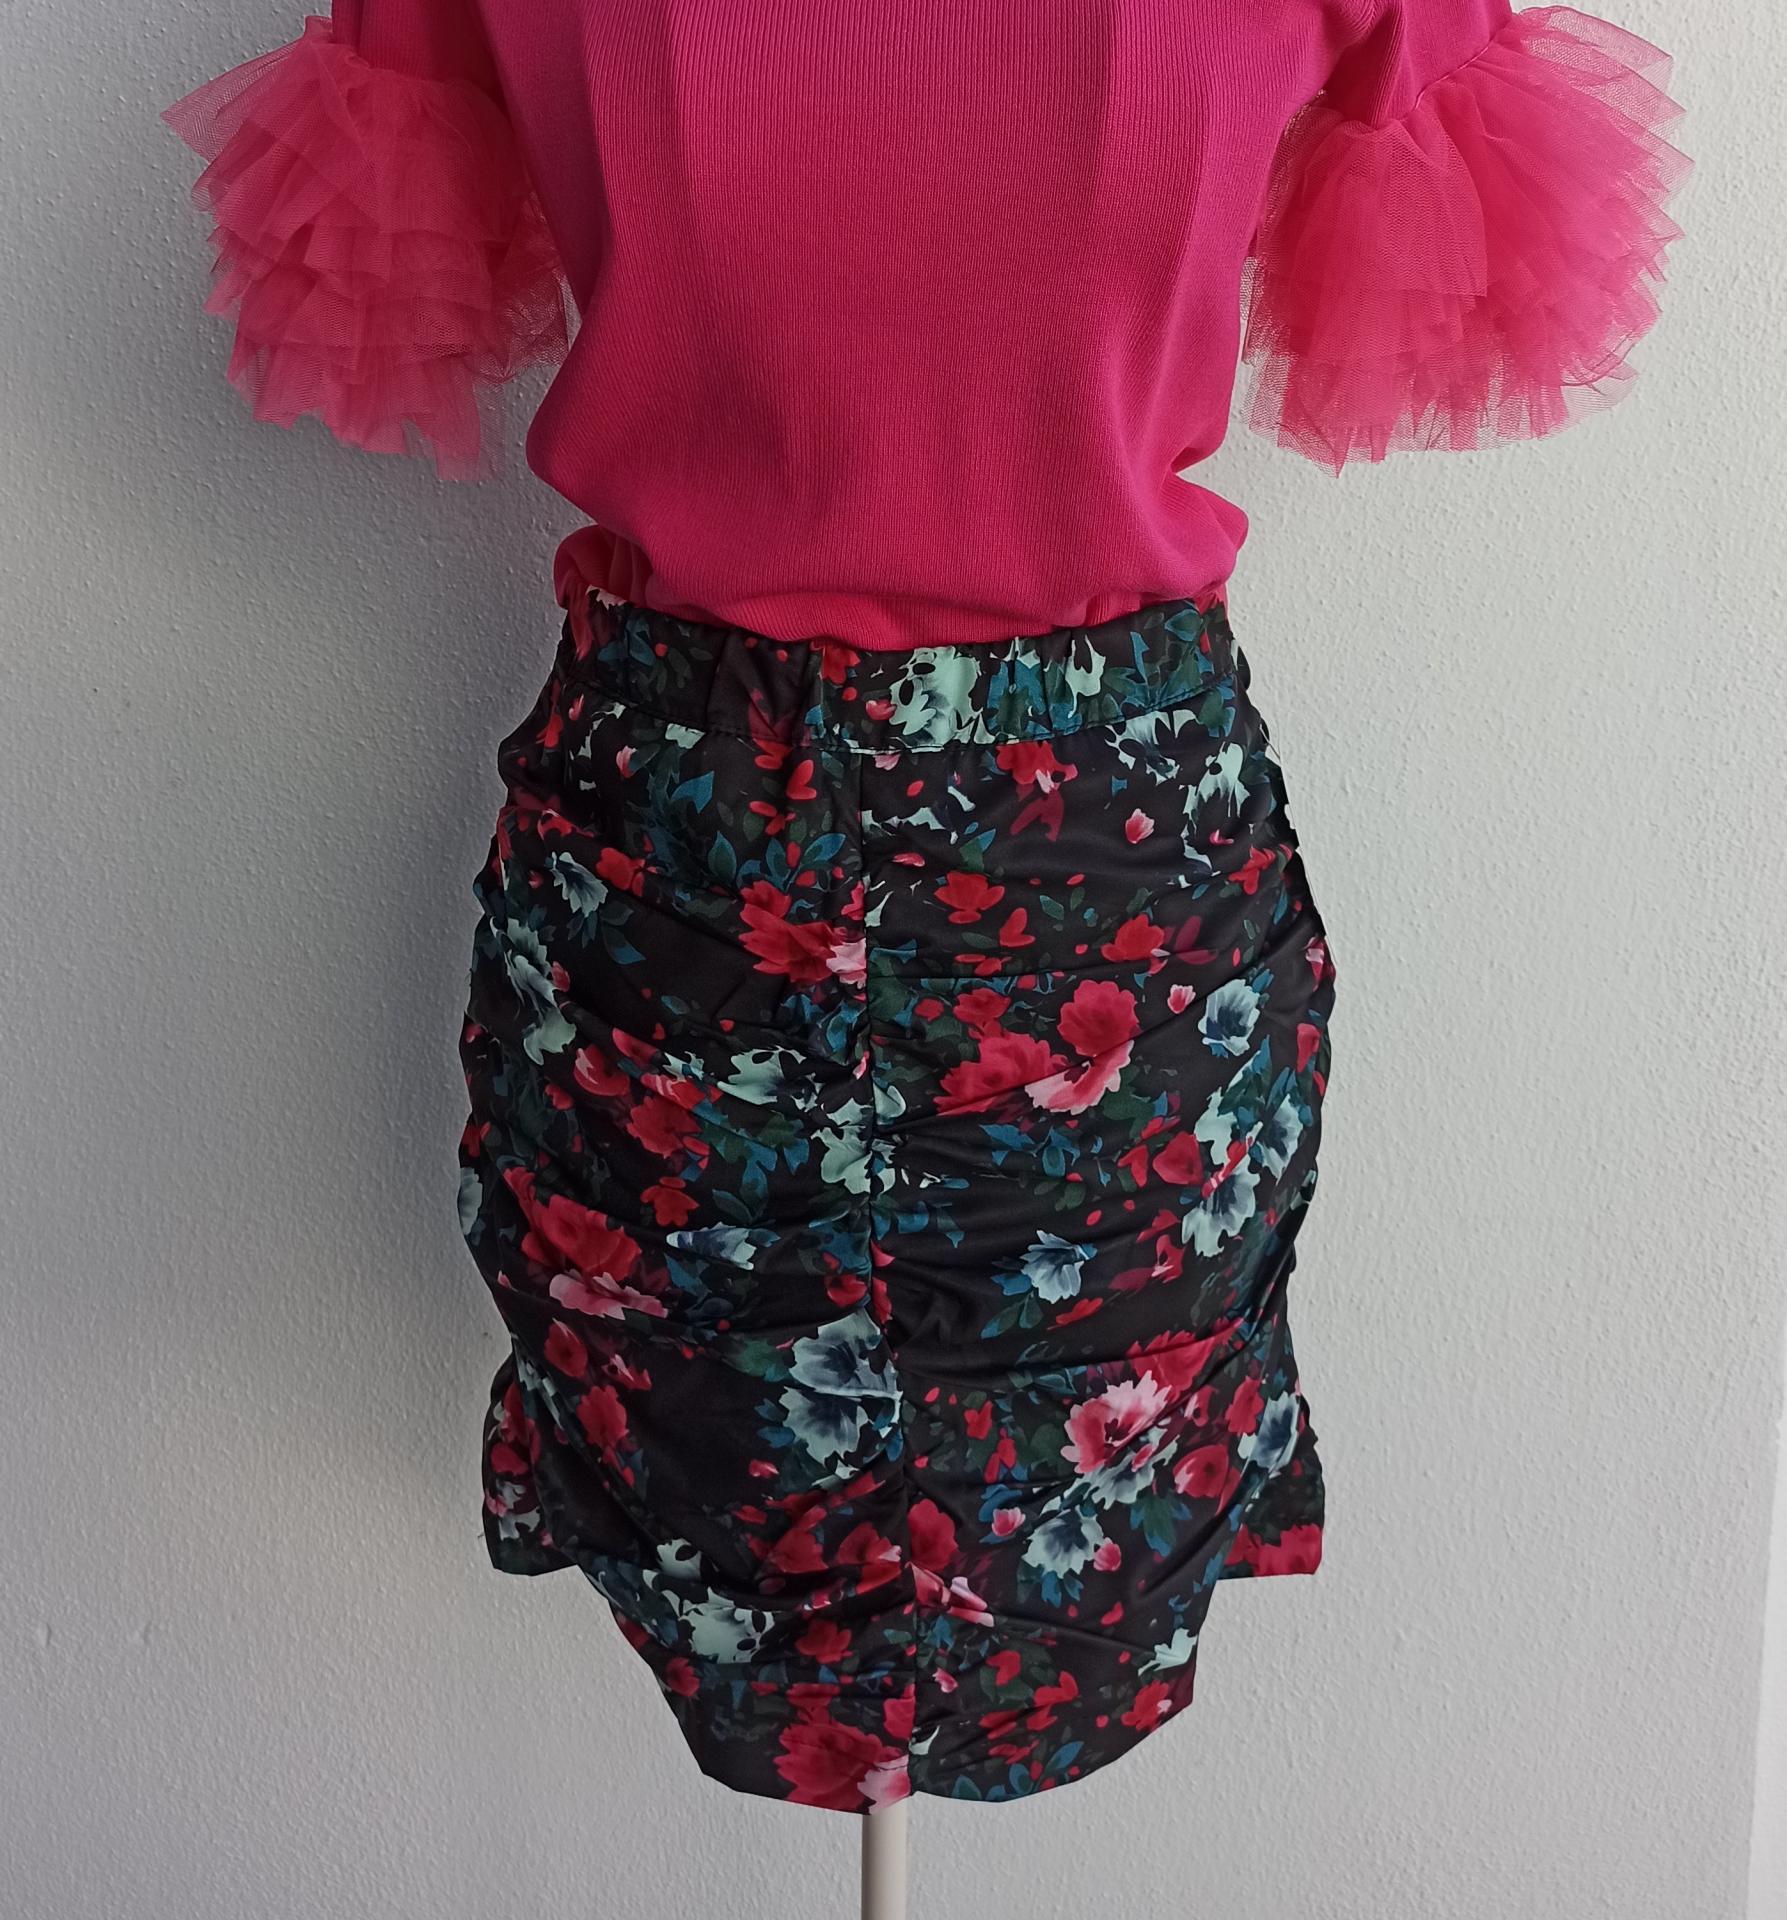 Falda Flores en Rojo Talla M